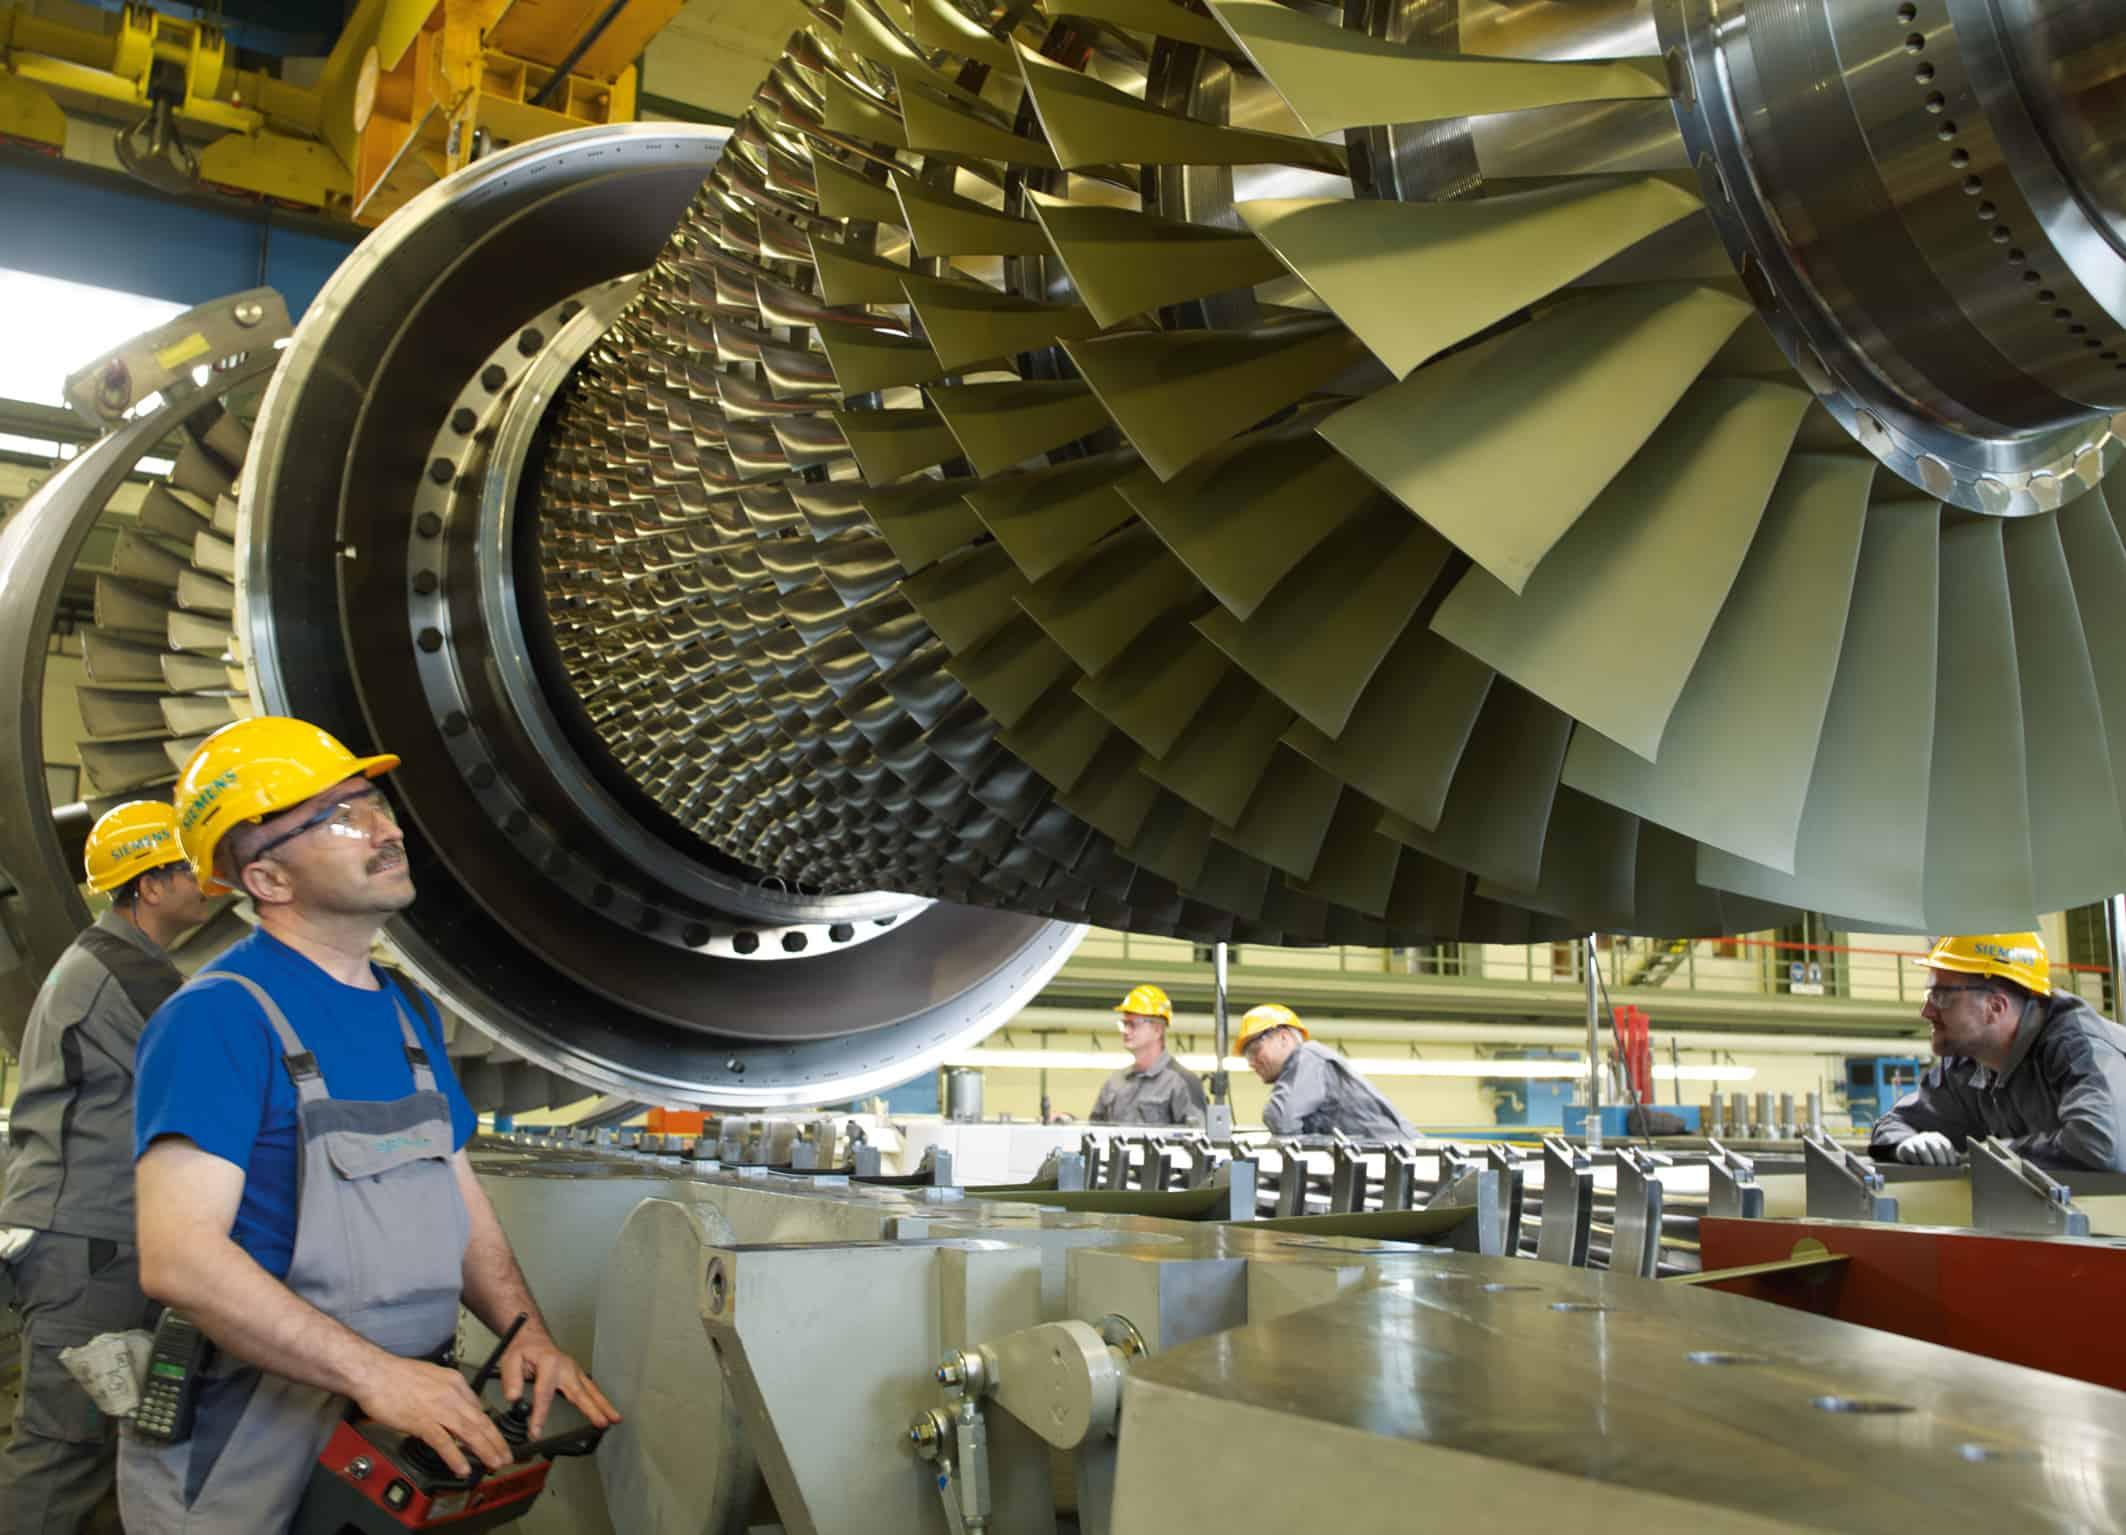 Das Bild zeigt Siemens-Mitarbeiter in der Endmontage beim Einlegen eines Turbinenläufers der Siemens Gasturbine SGT5-4000F. The picture shows Siemens employees in the final assembly hall in the Berlin manufacturing plant while inserting a turbine rotor of the Siemens gas turbine SGT5-4000F.